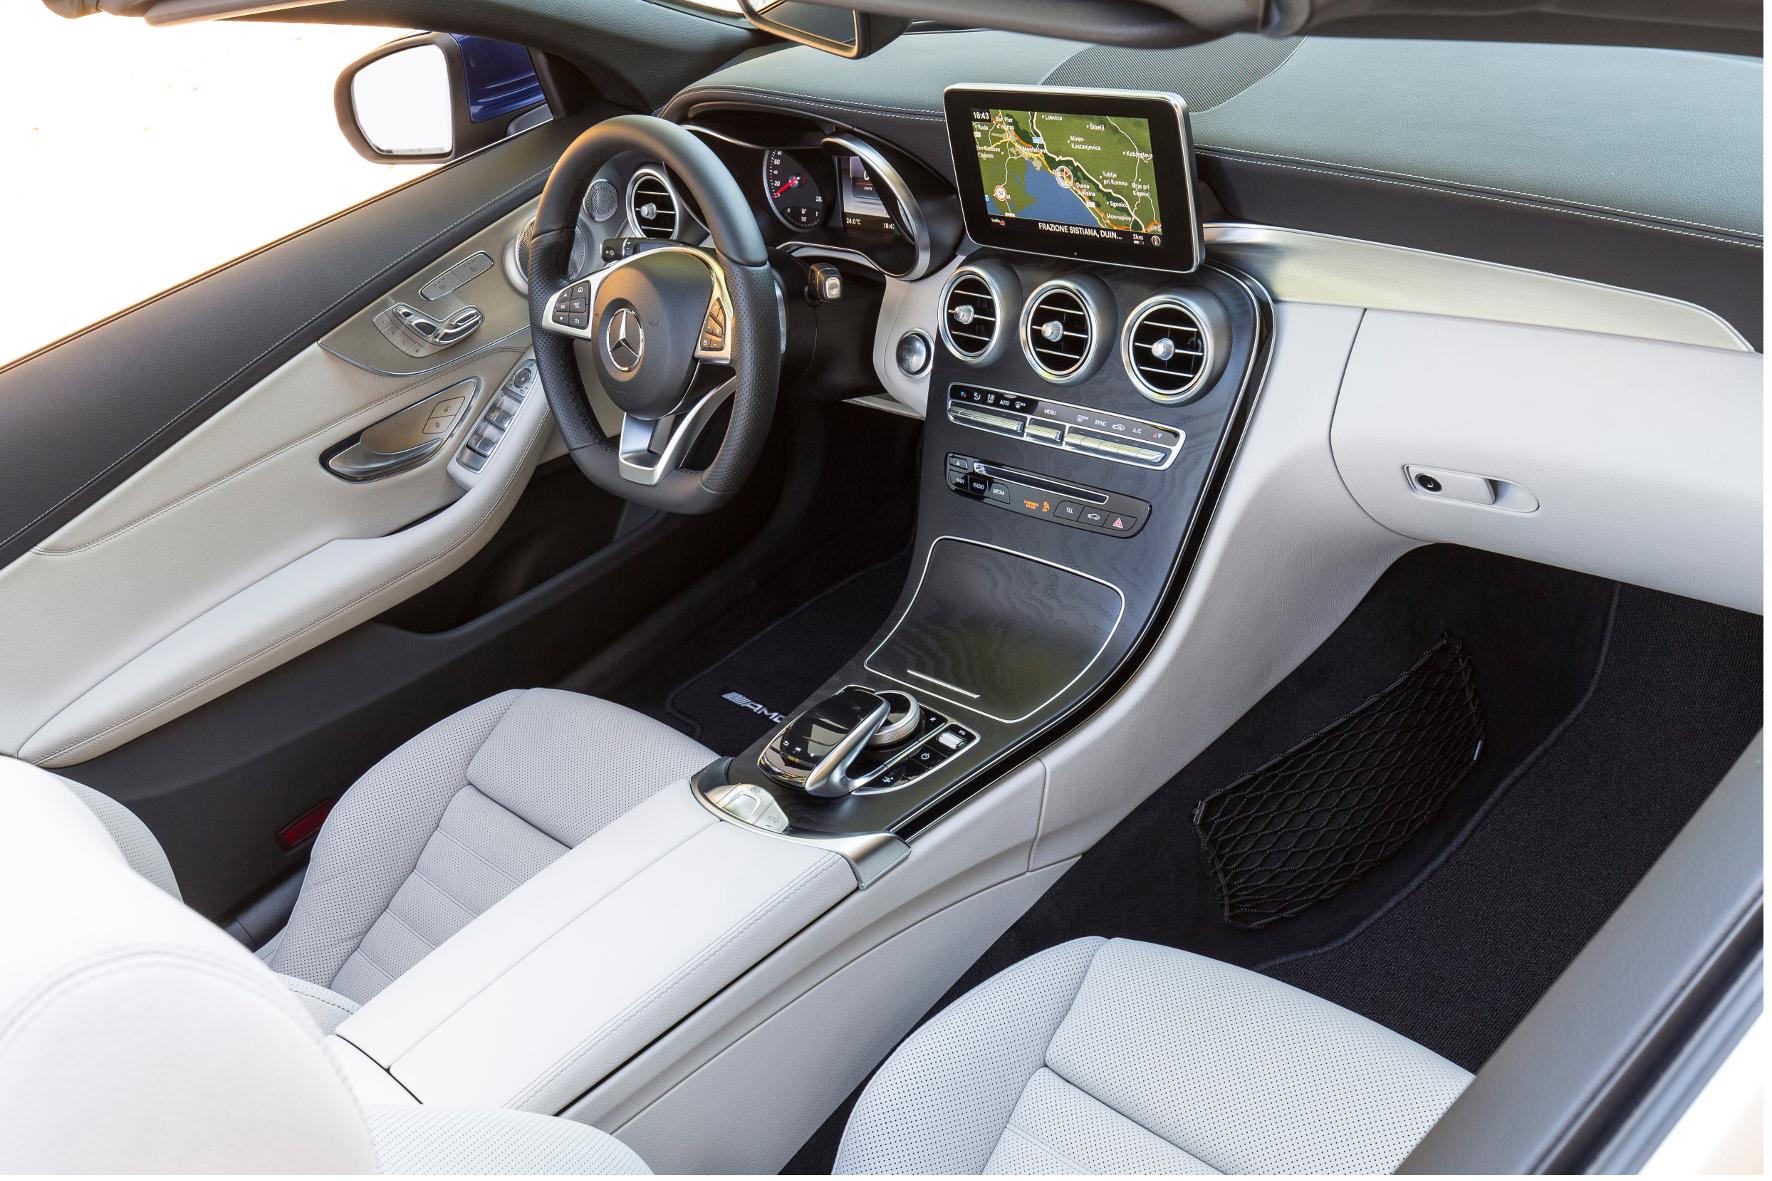 Mercedes Benz C Klasse Cabrio Interieur Cockpit Qf 2016 05 22